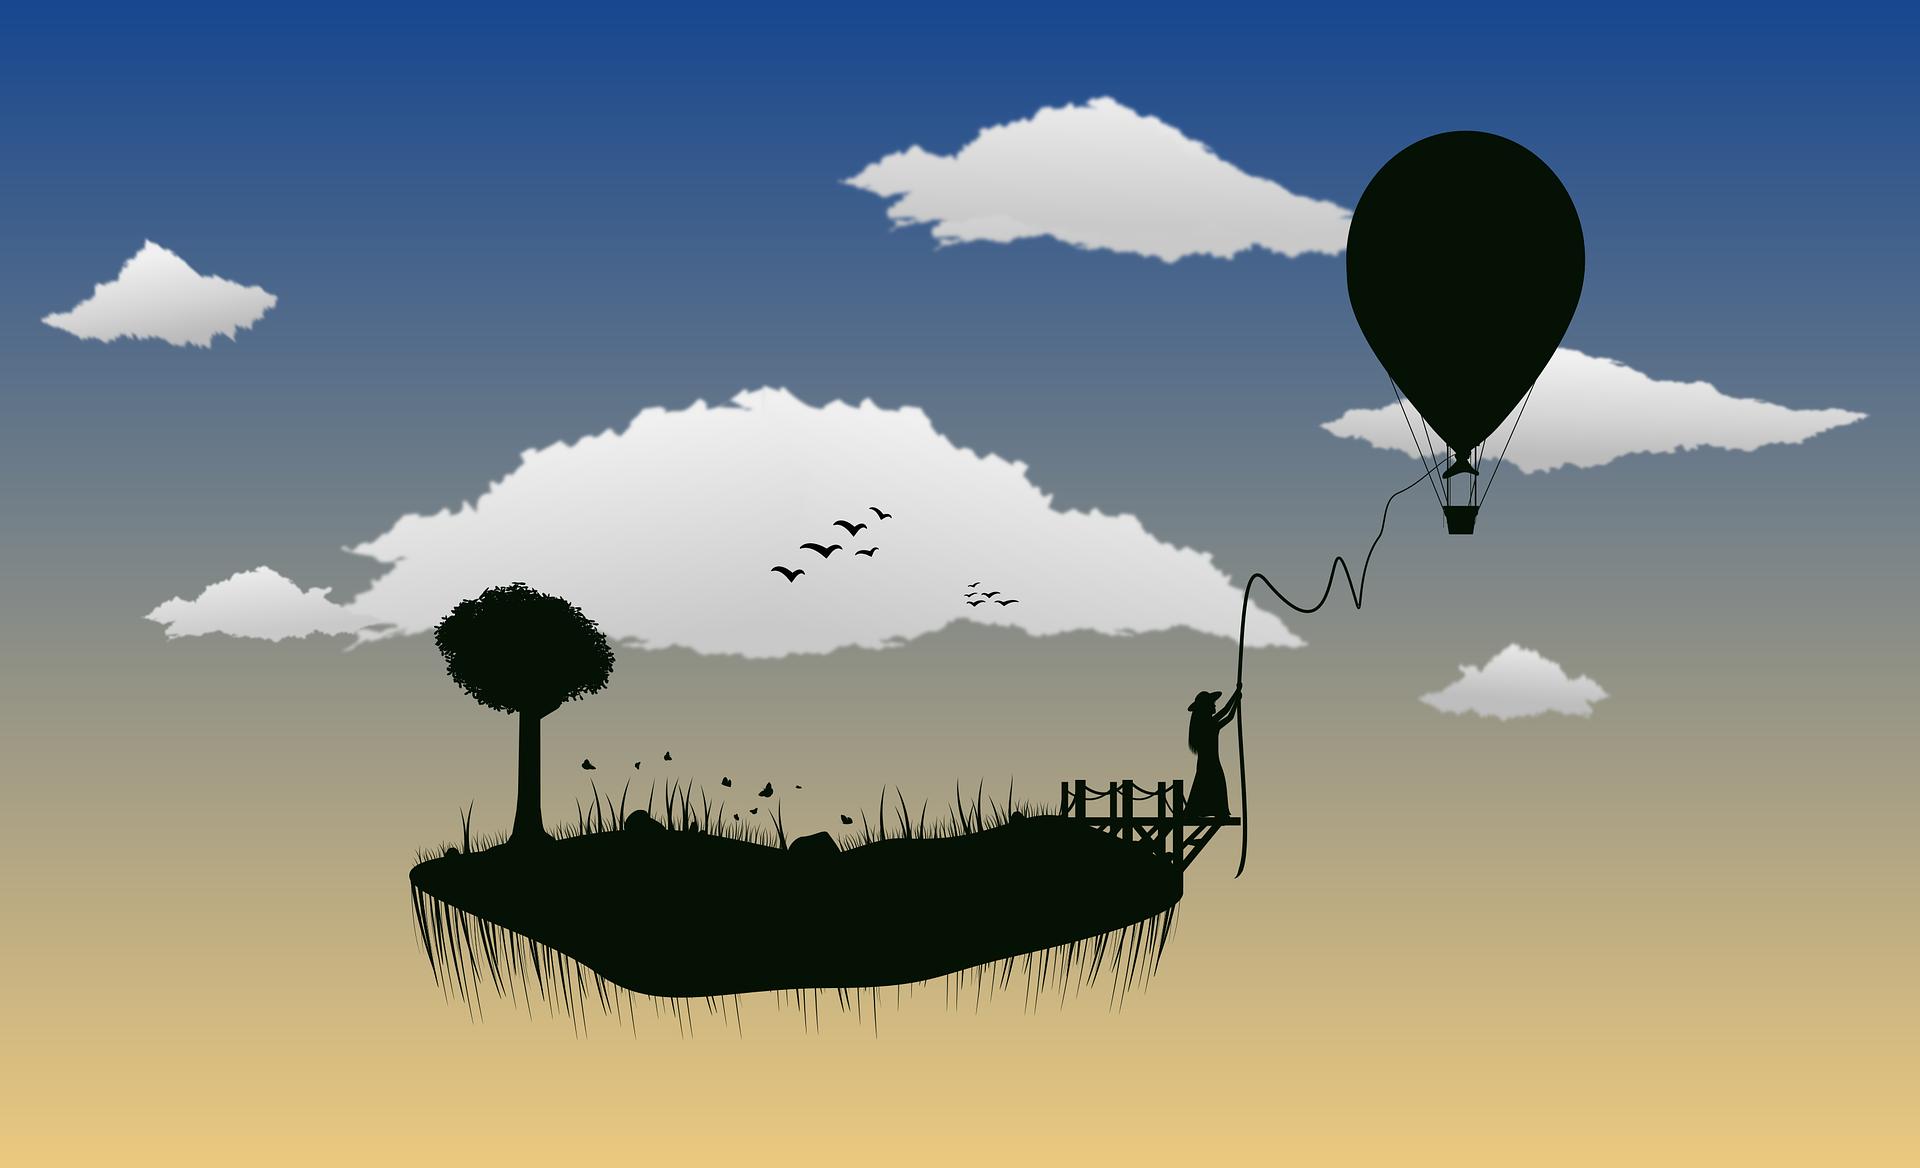 天空, 云彩, 岛屿, 树, 气球, 剪影 - 高清壁纸 - 教授-falken.com